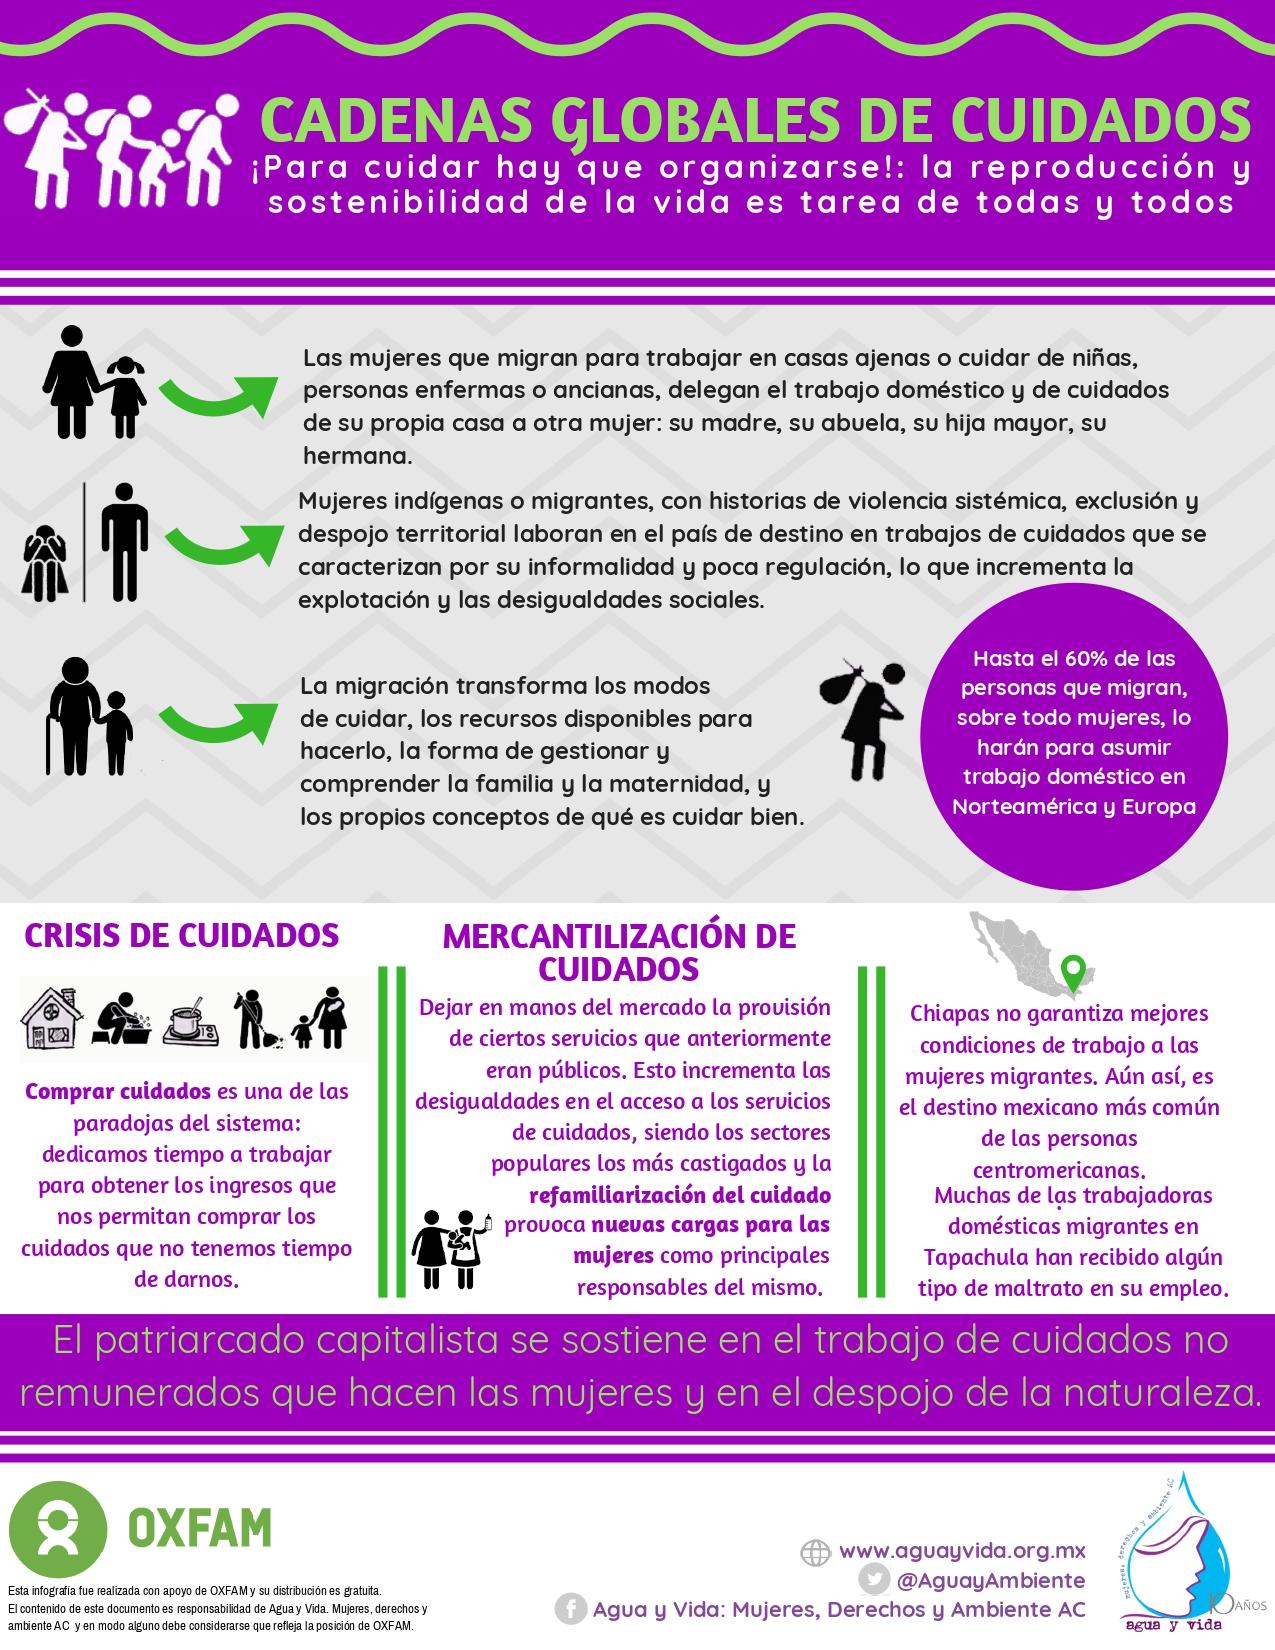 Infografia Cadenas Globales de Cuidados